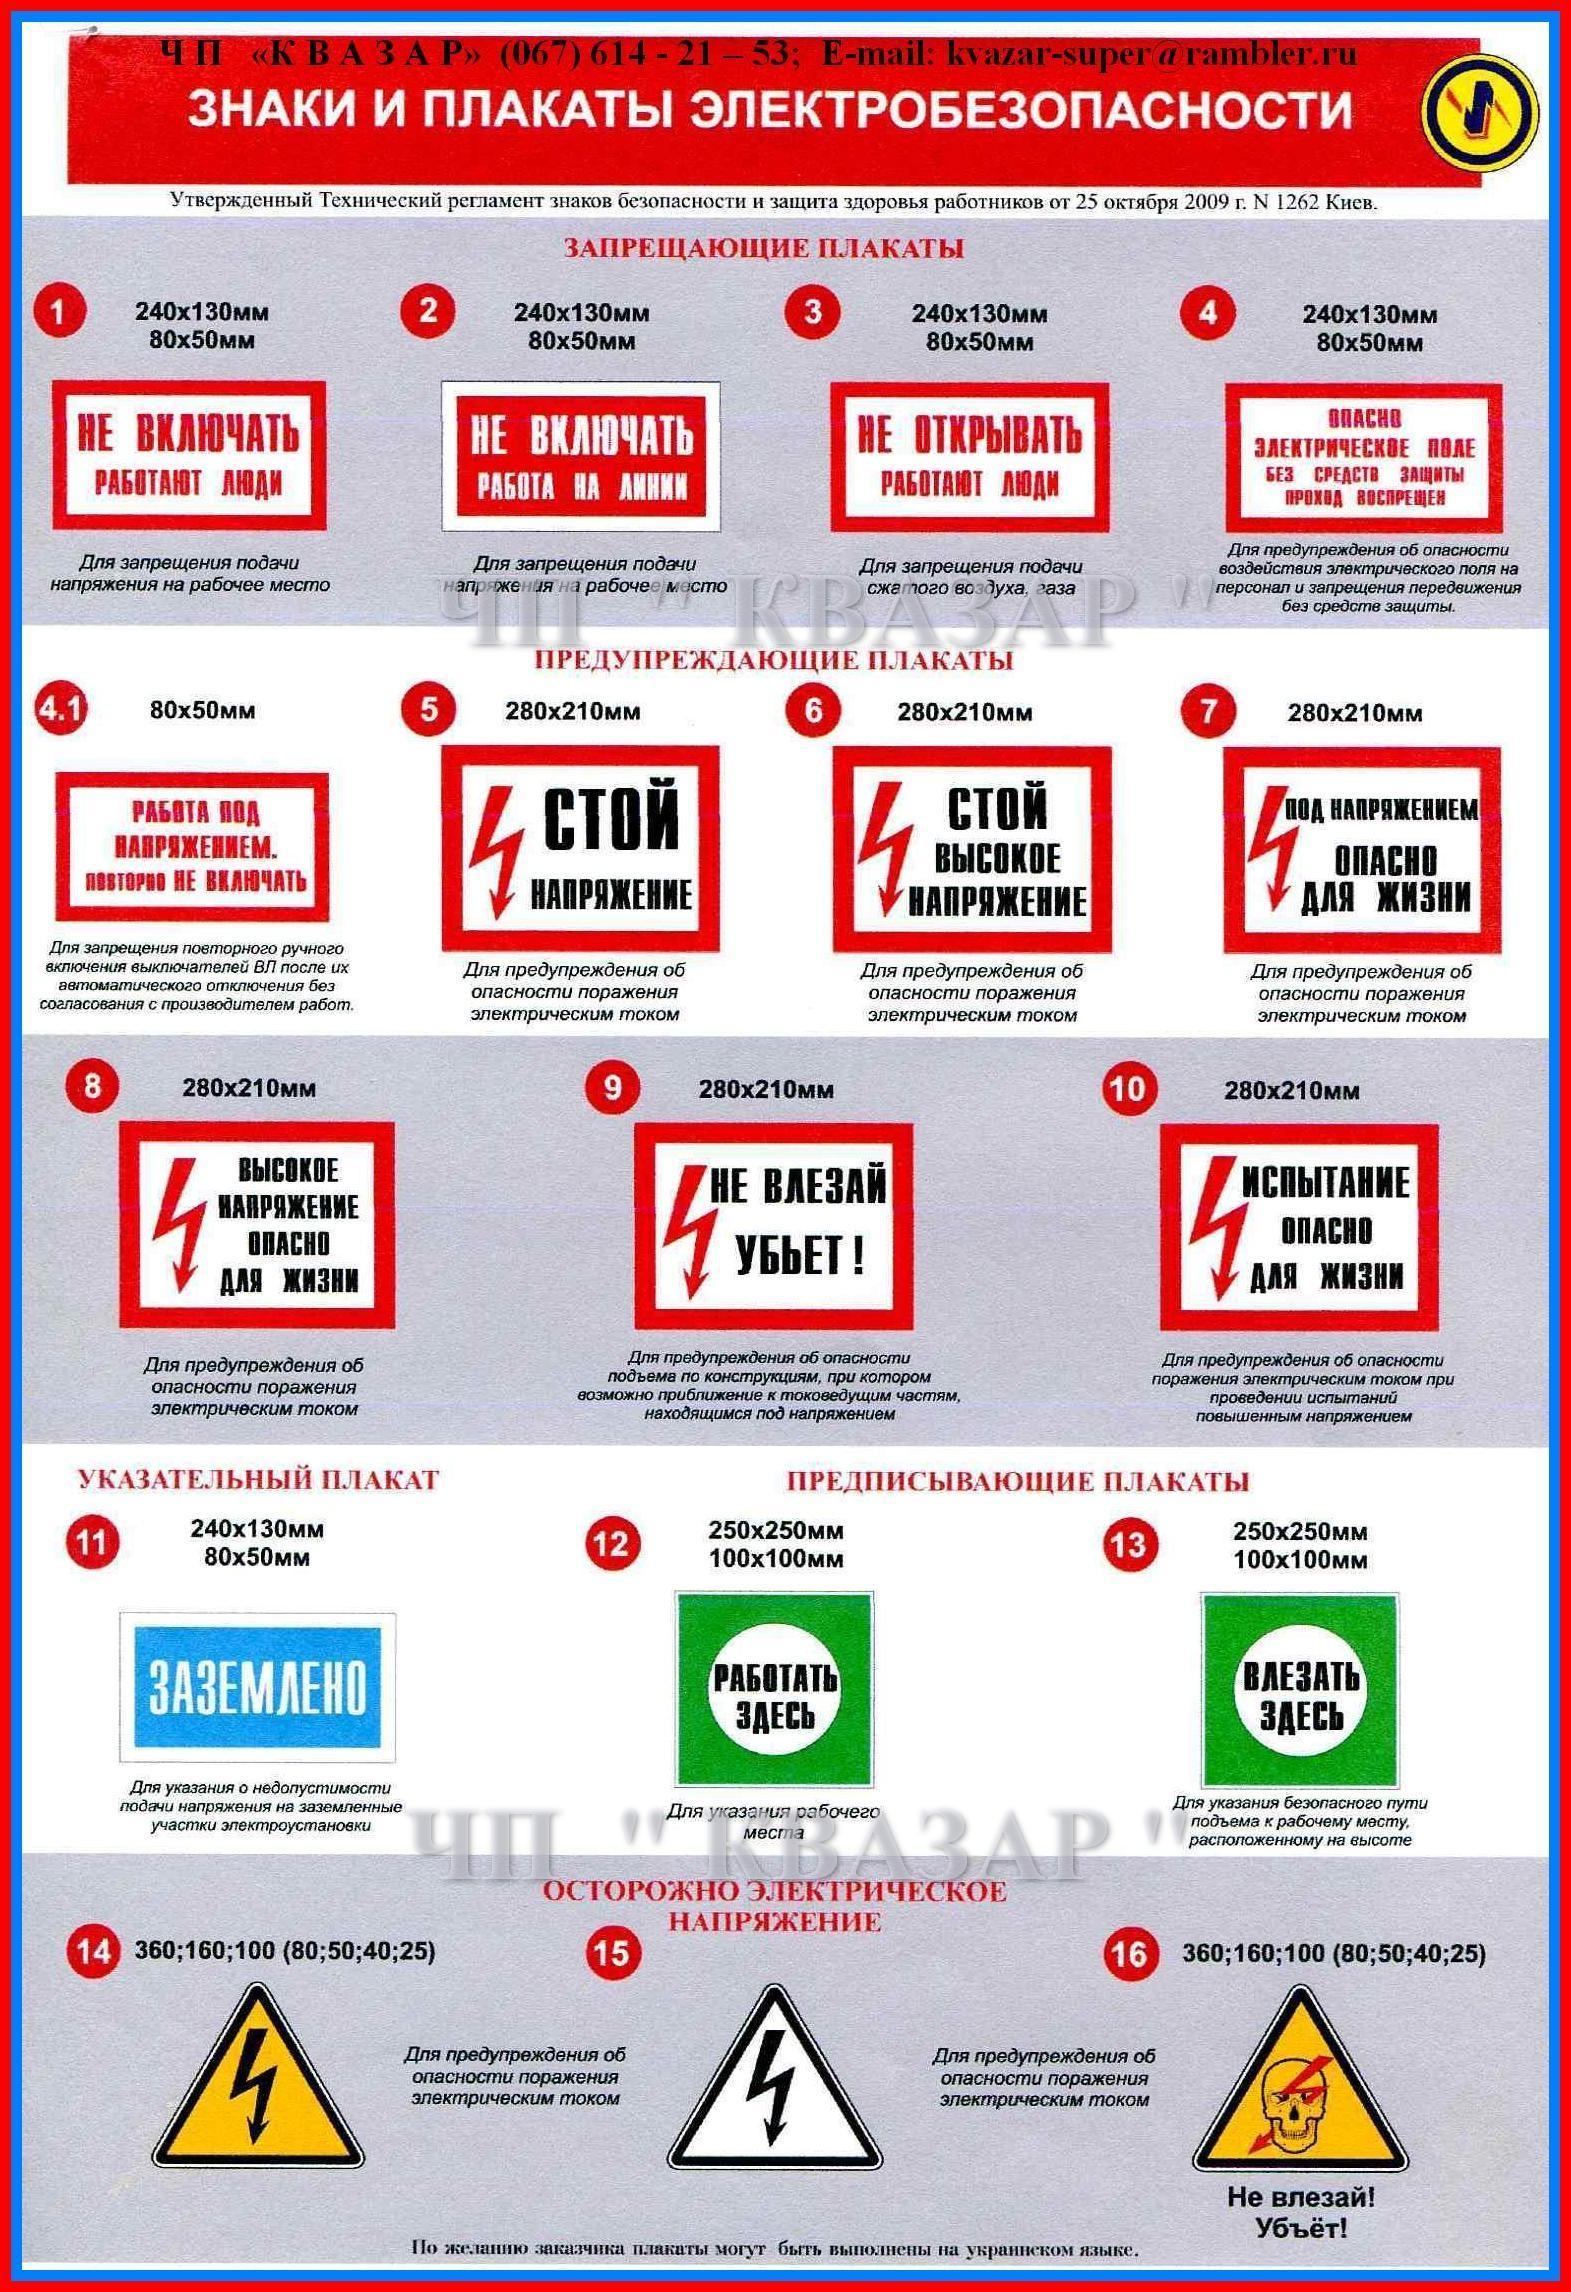 Виды плакатов в электроустановках - советы электрика - electro genius